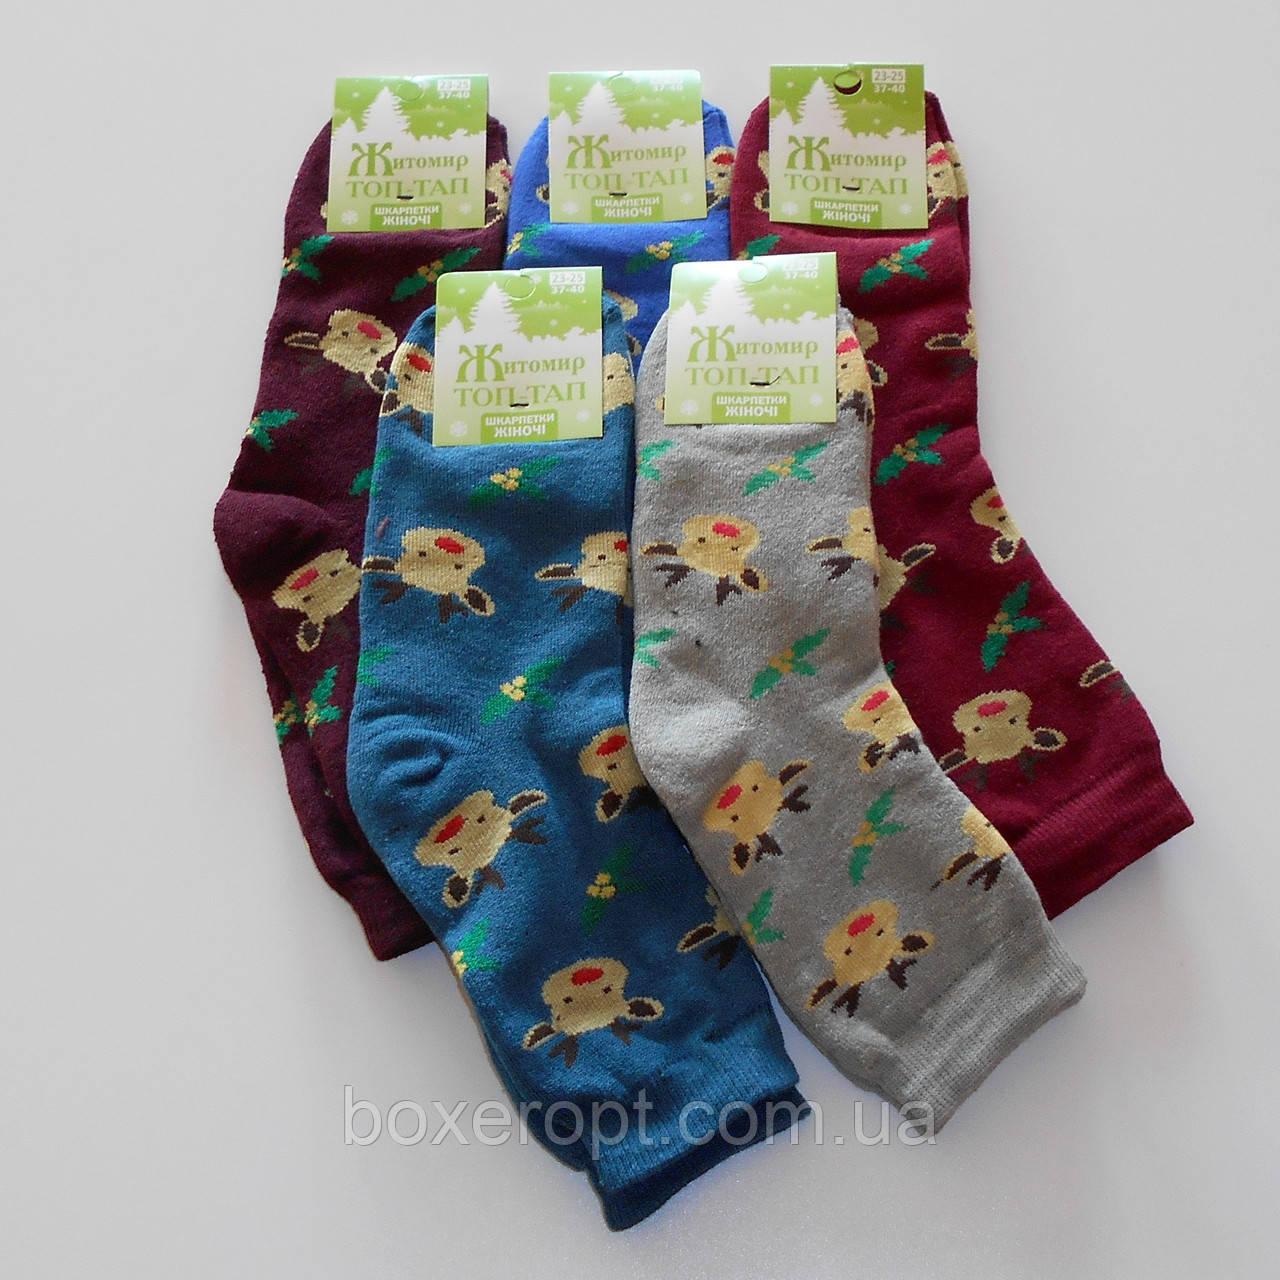 Женские махровые носки Топ-Тап - 11.50 грн./пара (оленята), фото 1